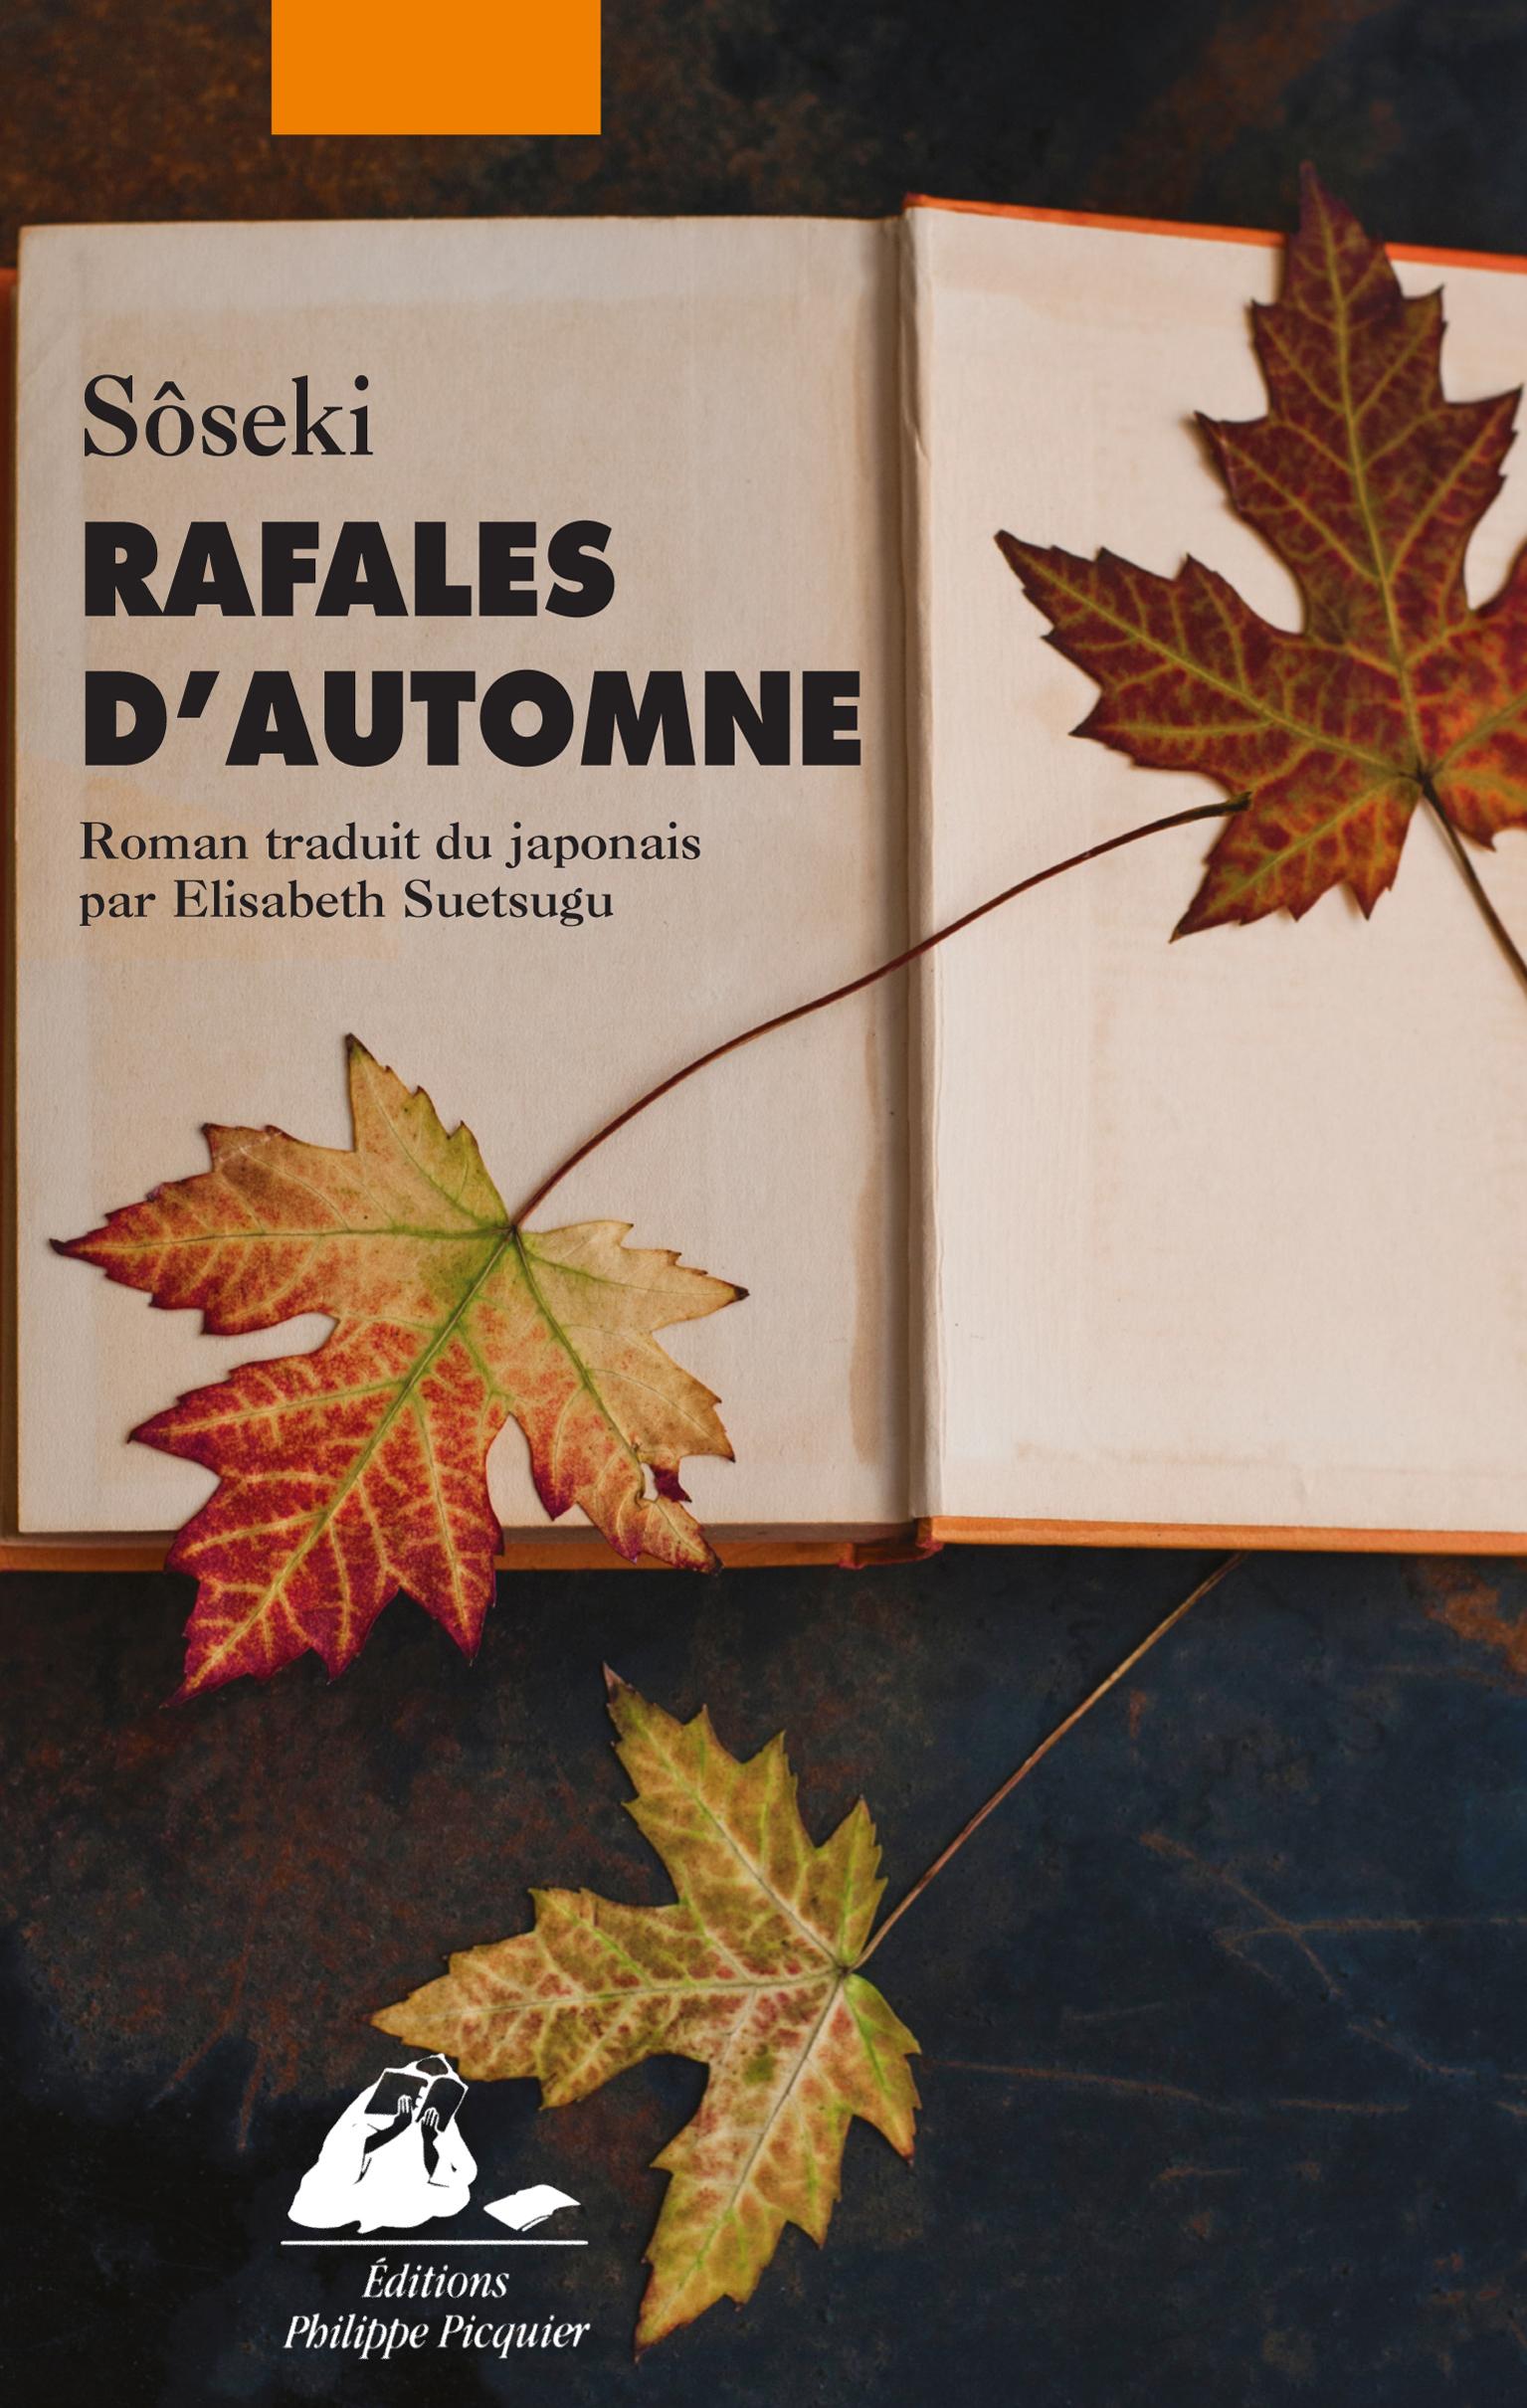 Rafales d'automne